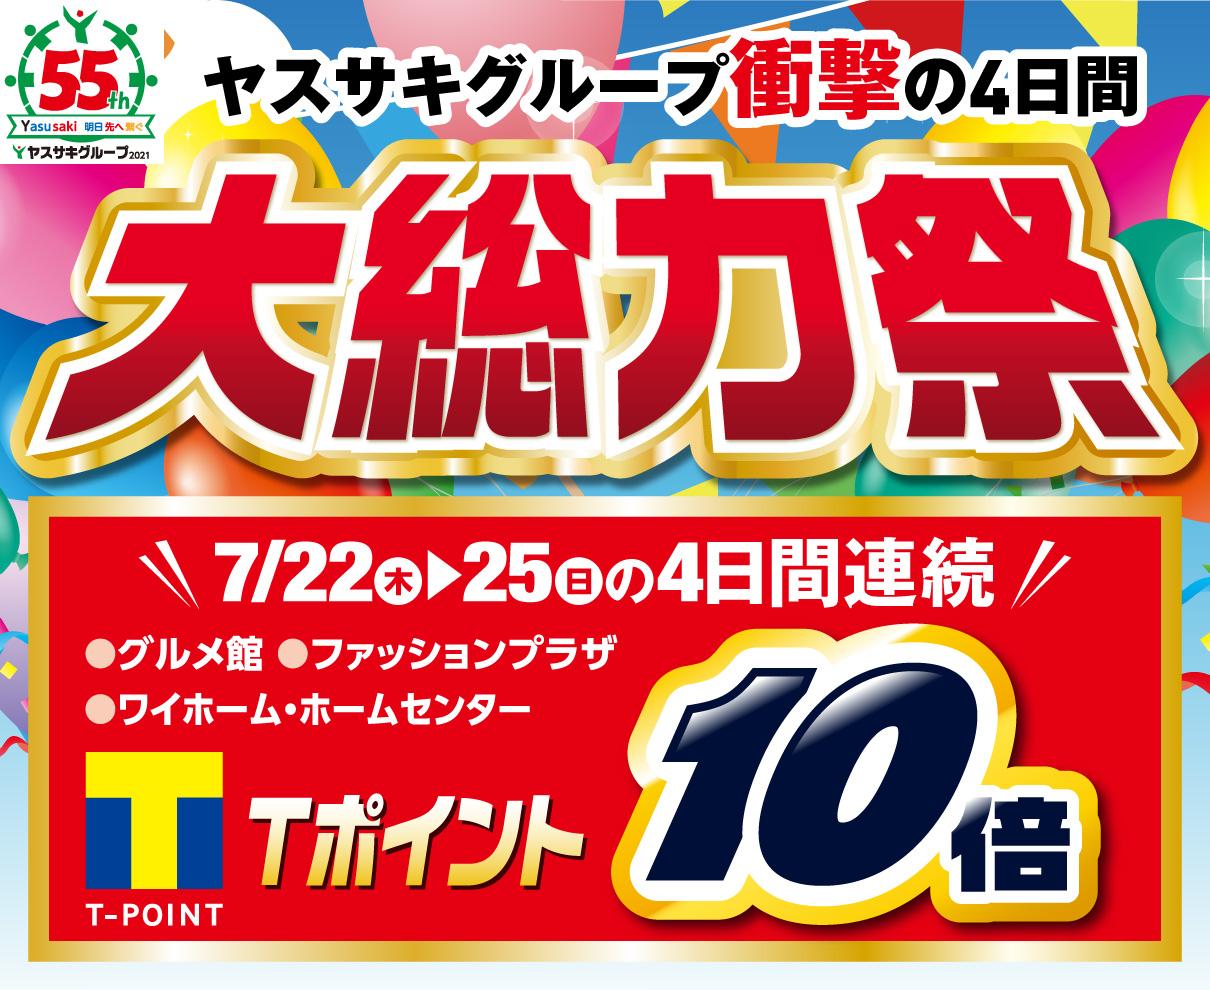 【7/22~25】4日間連続Tポイント10倍! ヤスサキグループ「大総力祭」開催!|ヤスサキグループ